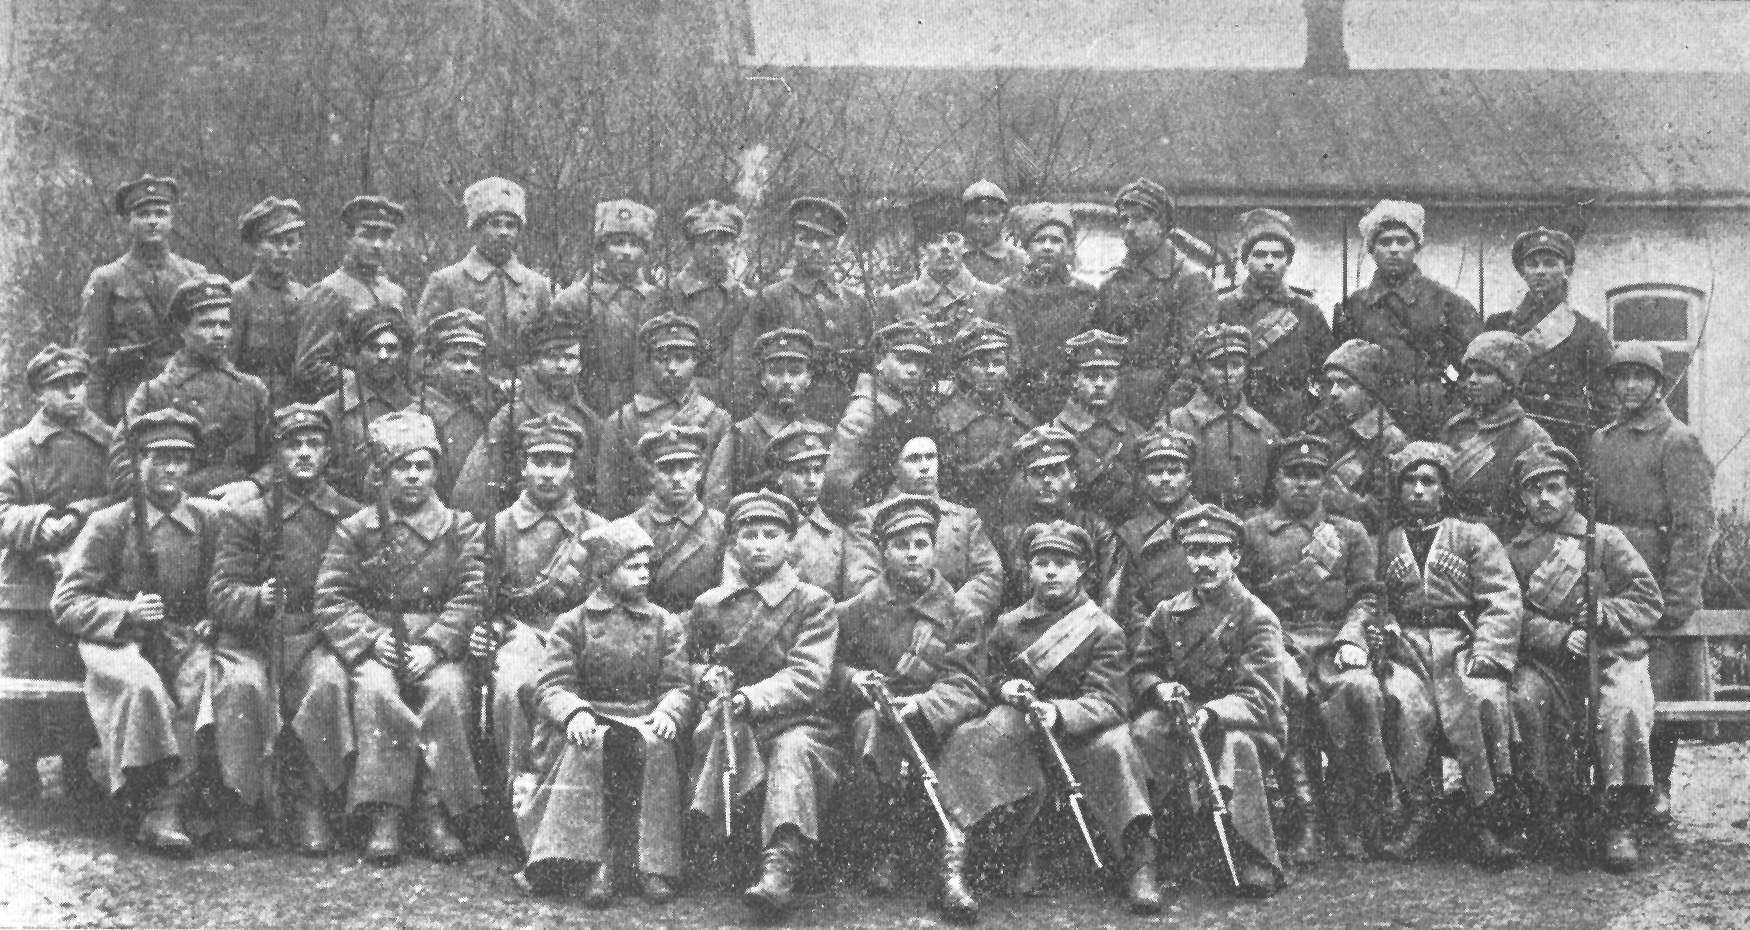 Сотня Сечевых Стрельцов, которые охраняли правительство Украины в 1918 году